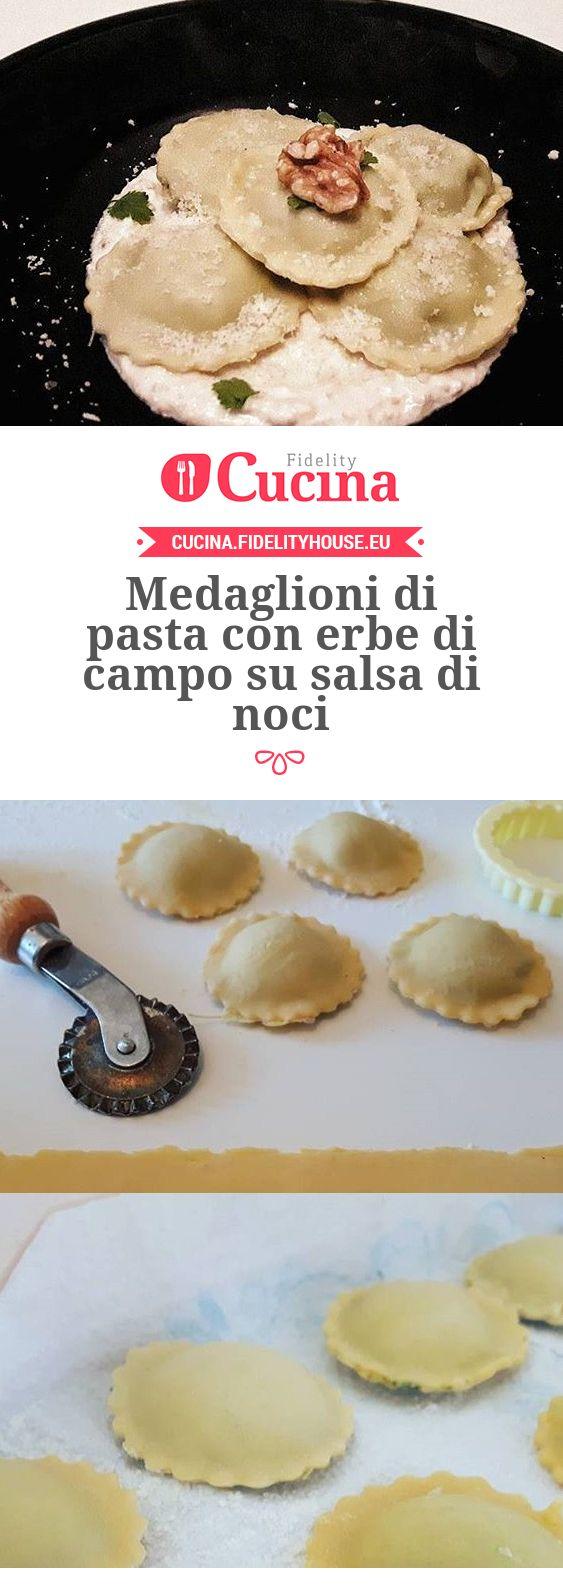 Medaglioni di pasta con erbe di campo su salsa di noci